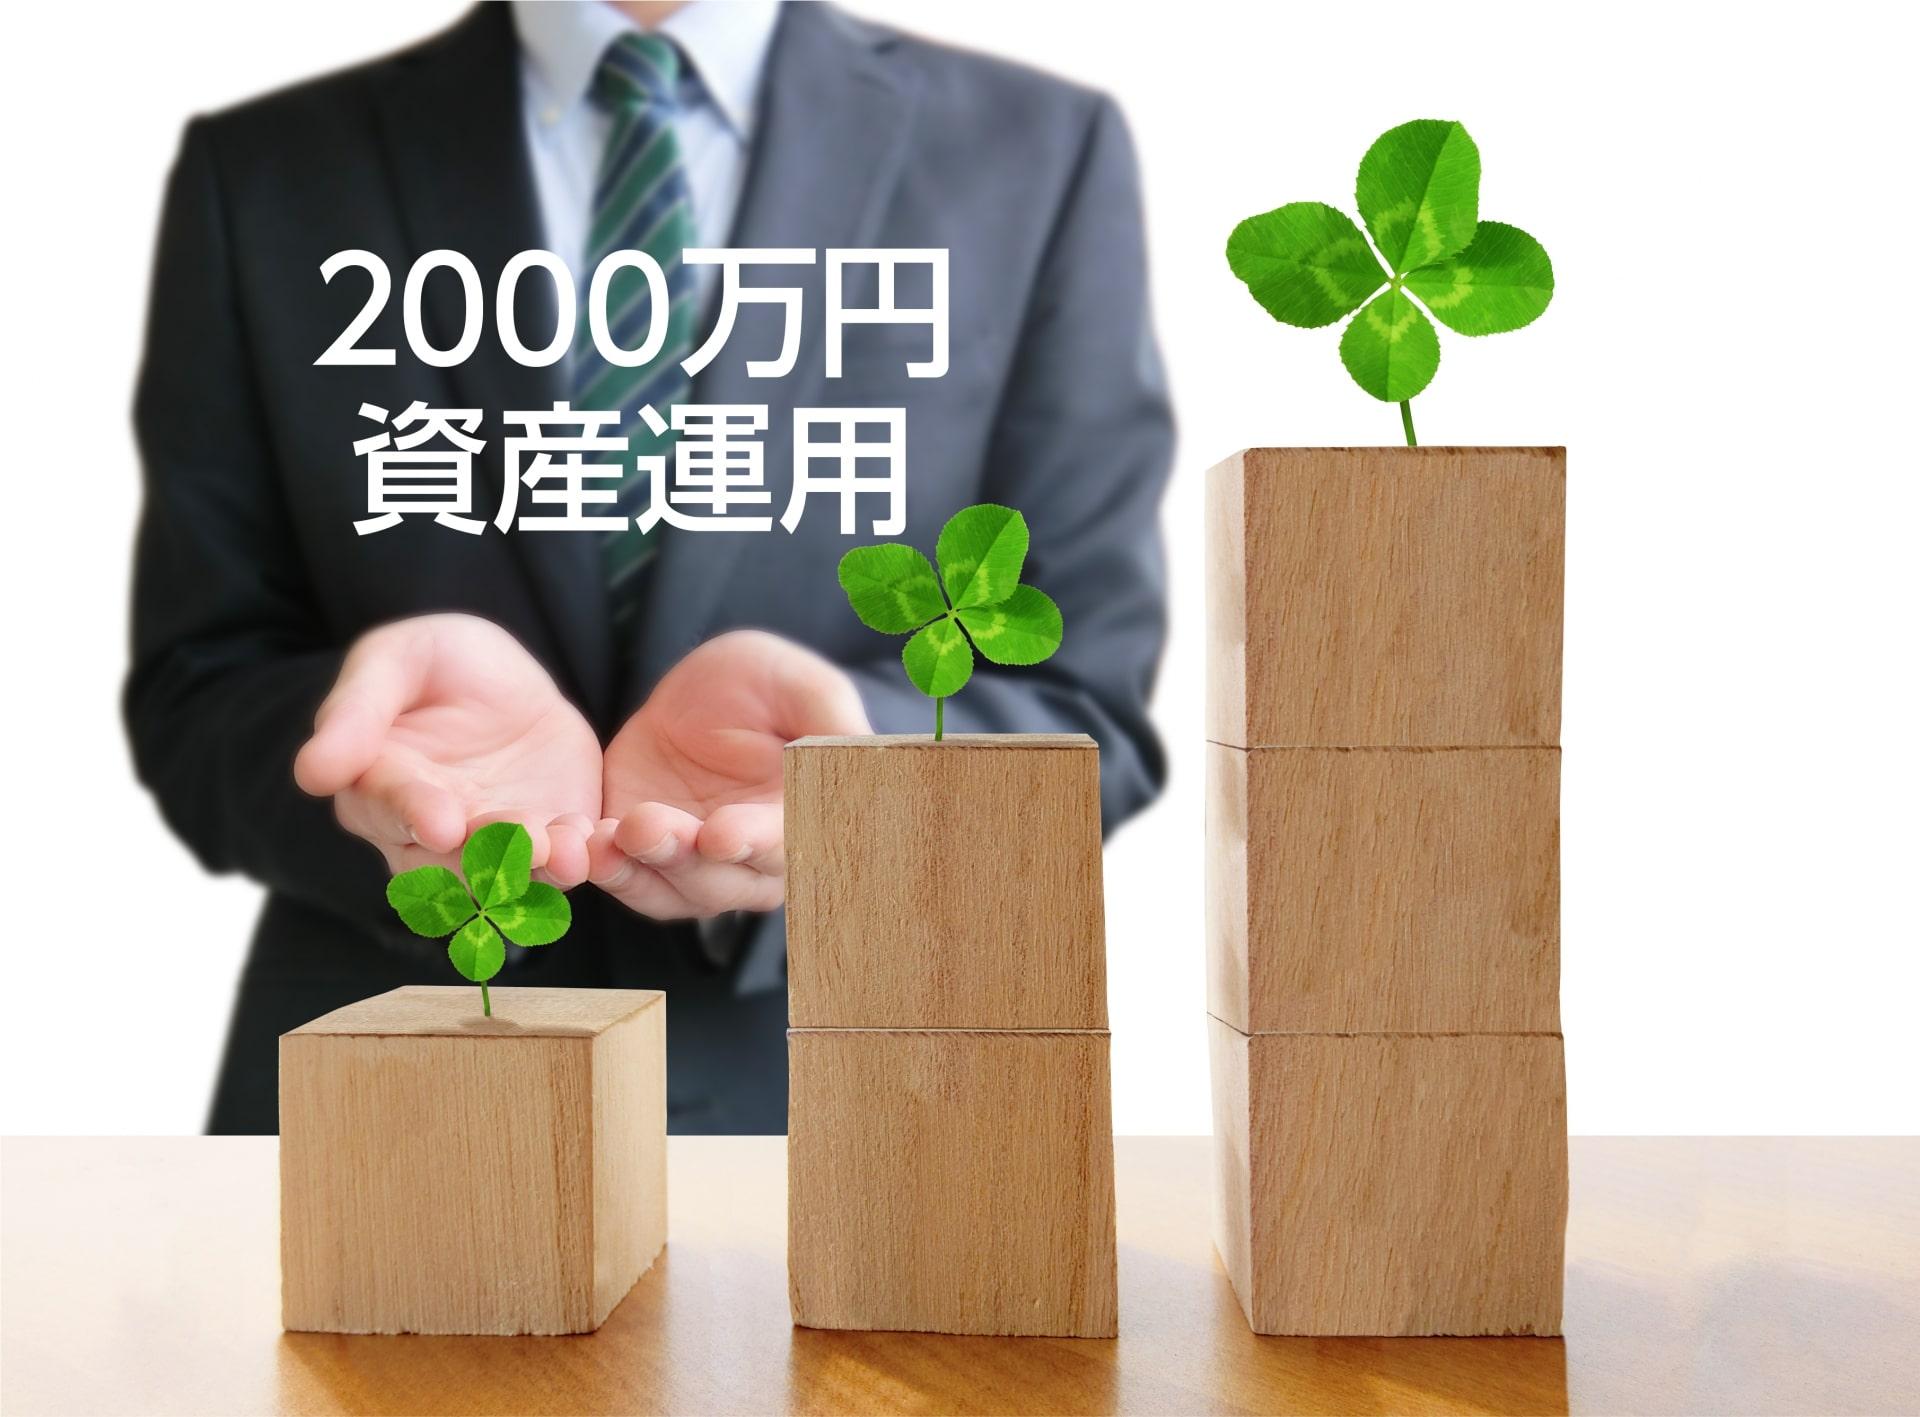 資産運用で2000万円